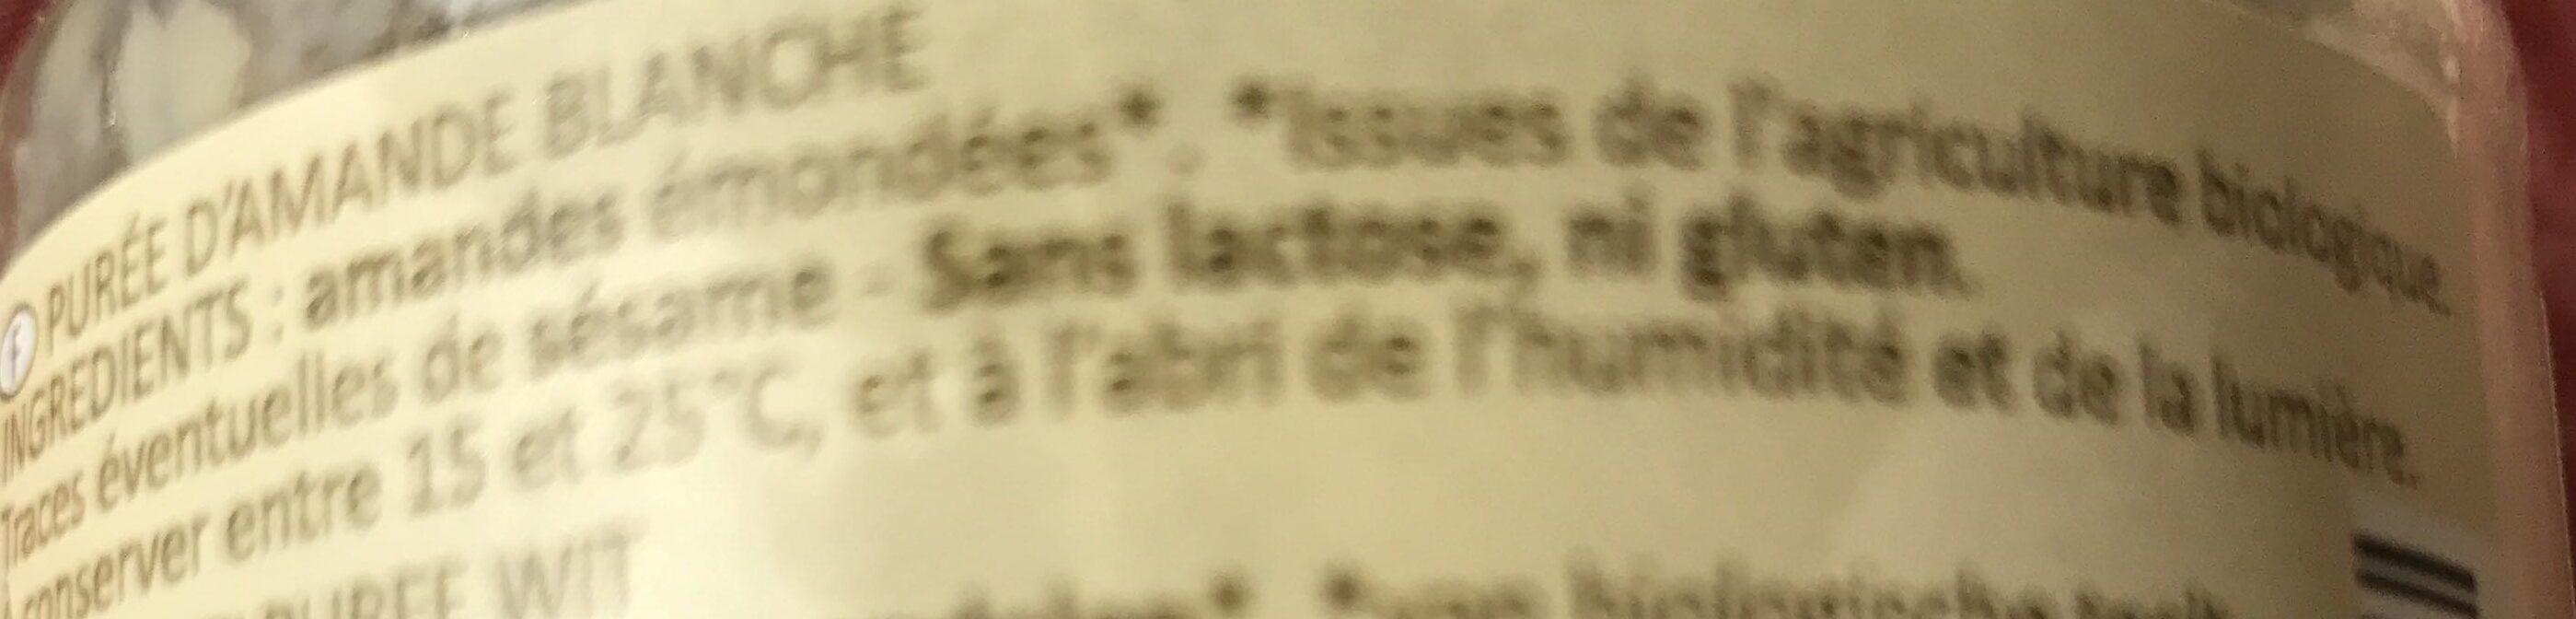 Purée D'amande Blanche Crue - Ingredients - fr